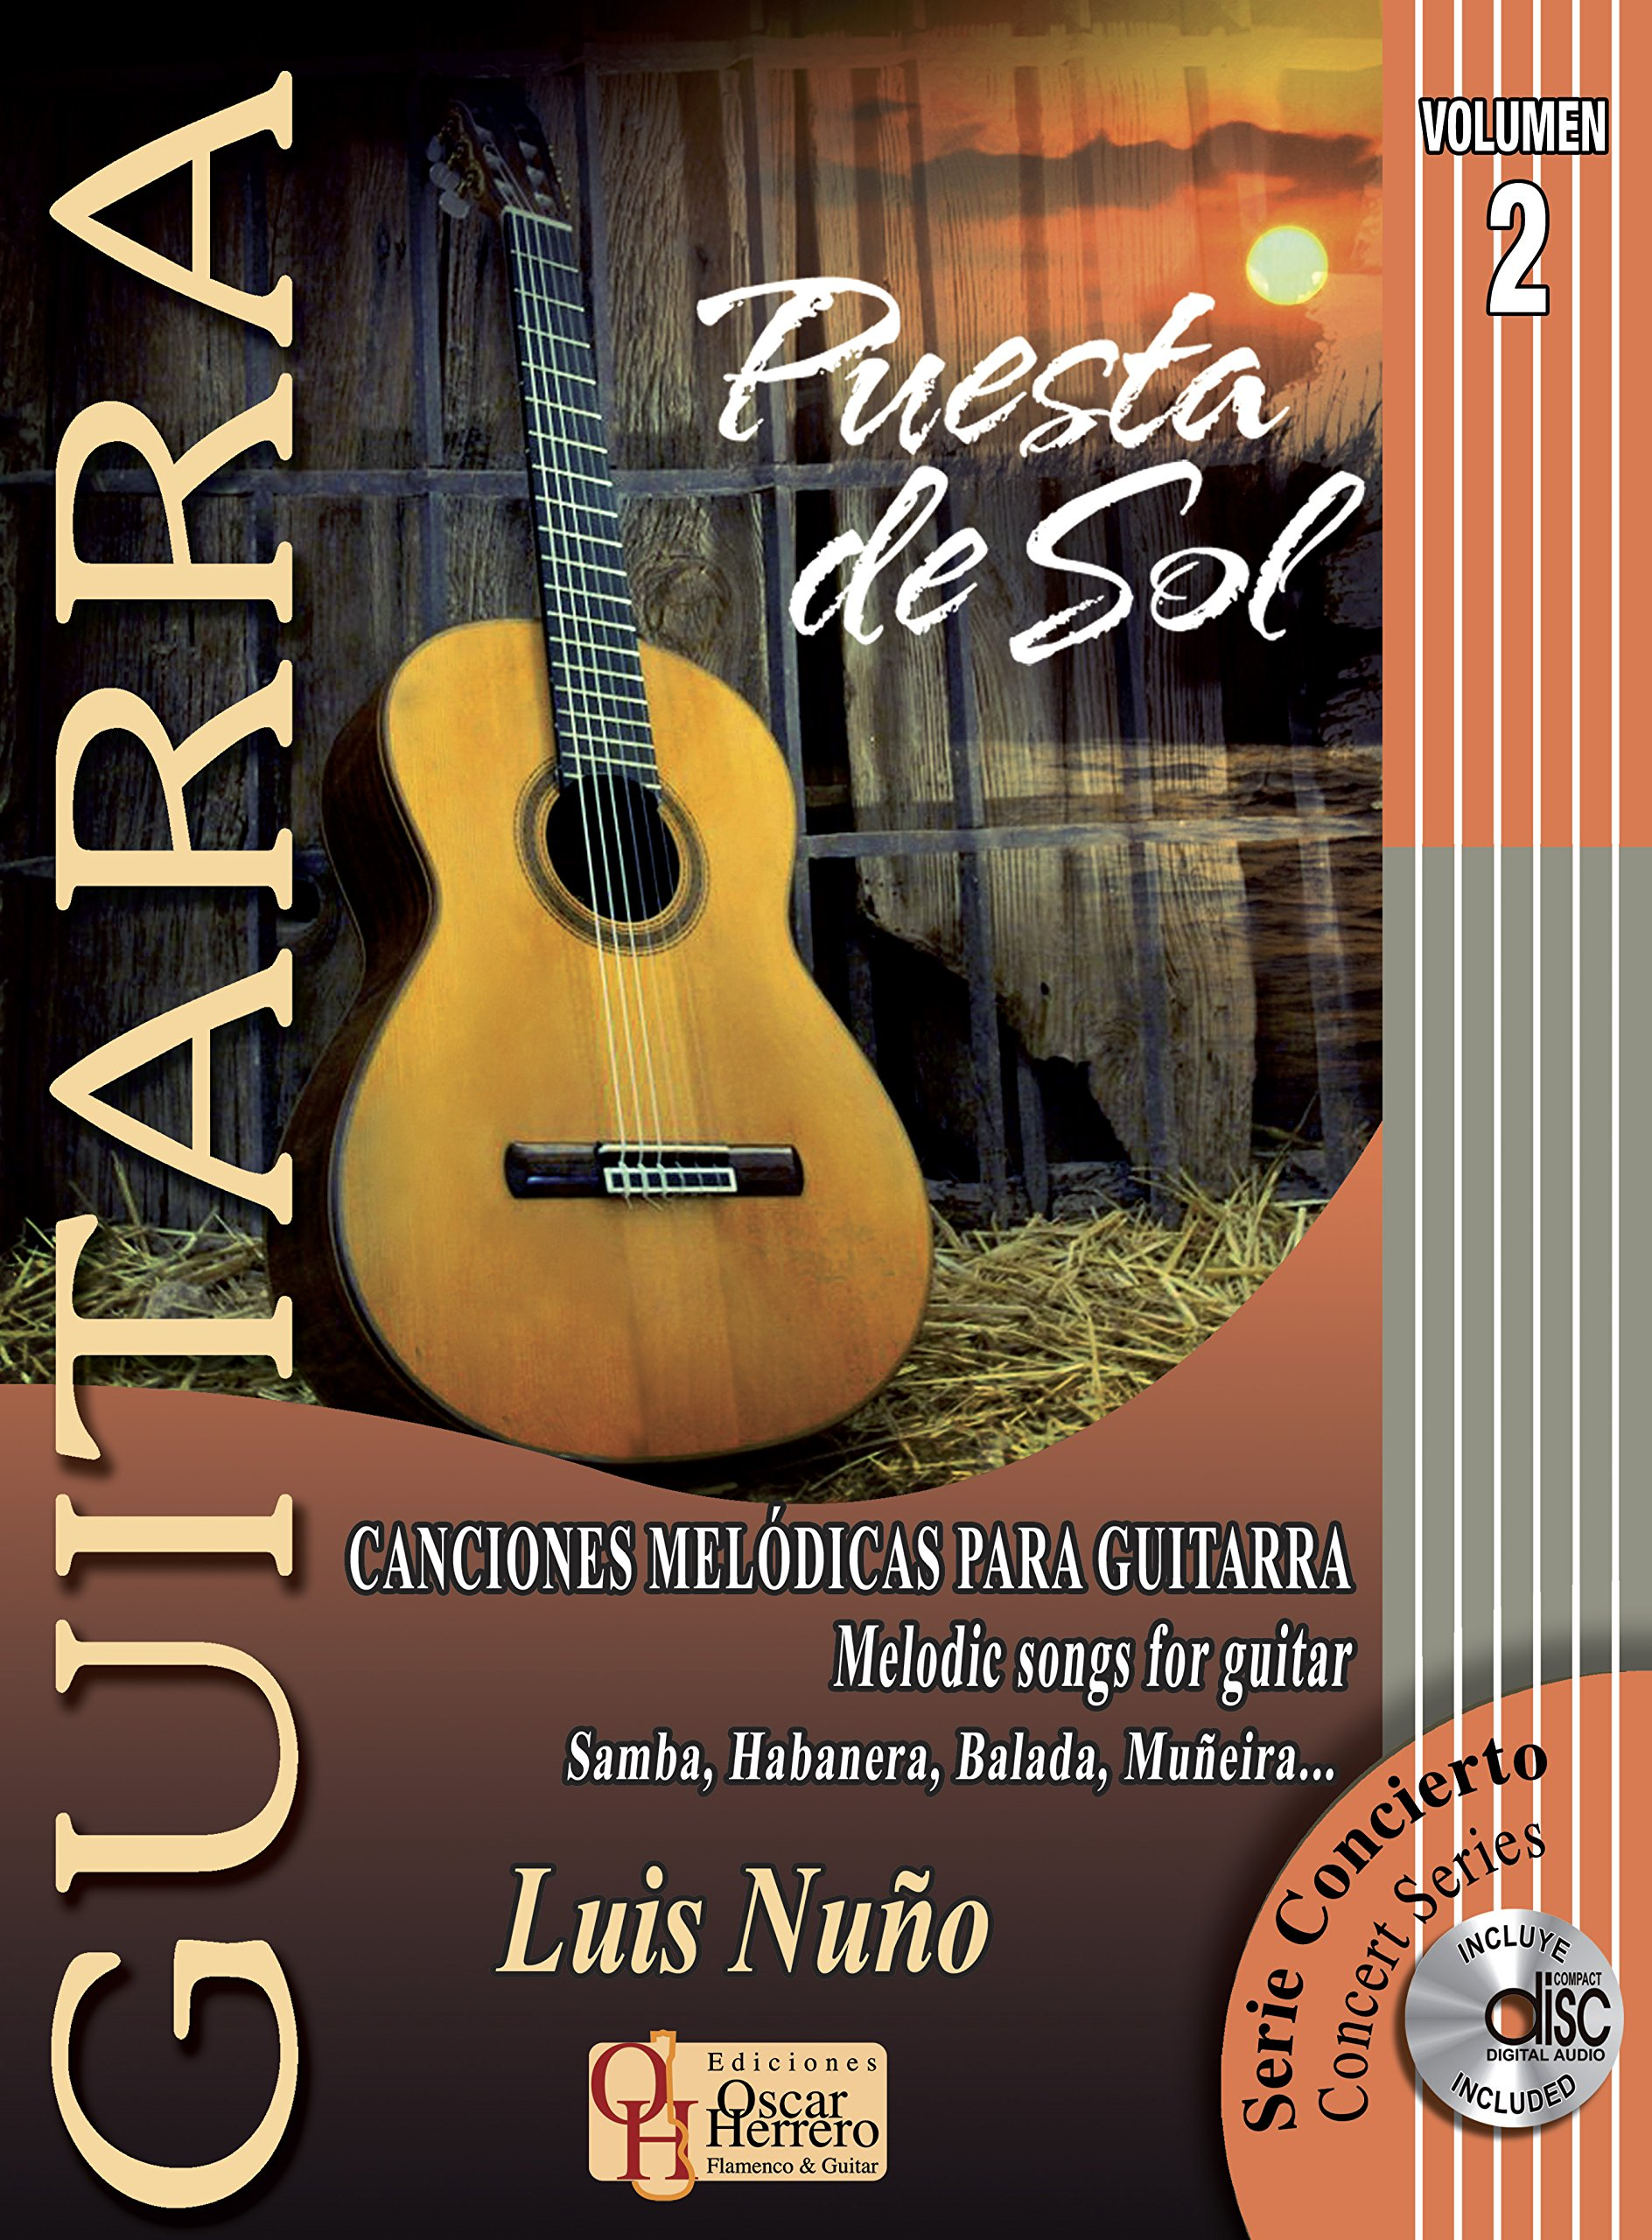 Guitarra: puesta de sol, vol.II libro de partituras + CD esp-ing: Amazon.es: LUIS NUÑO: Libros